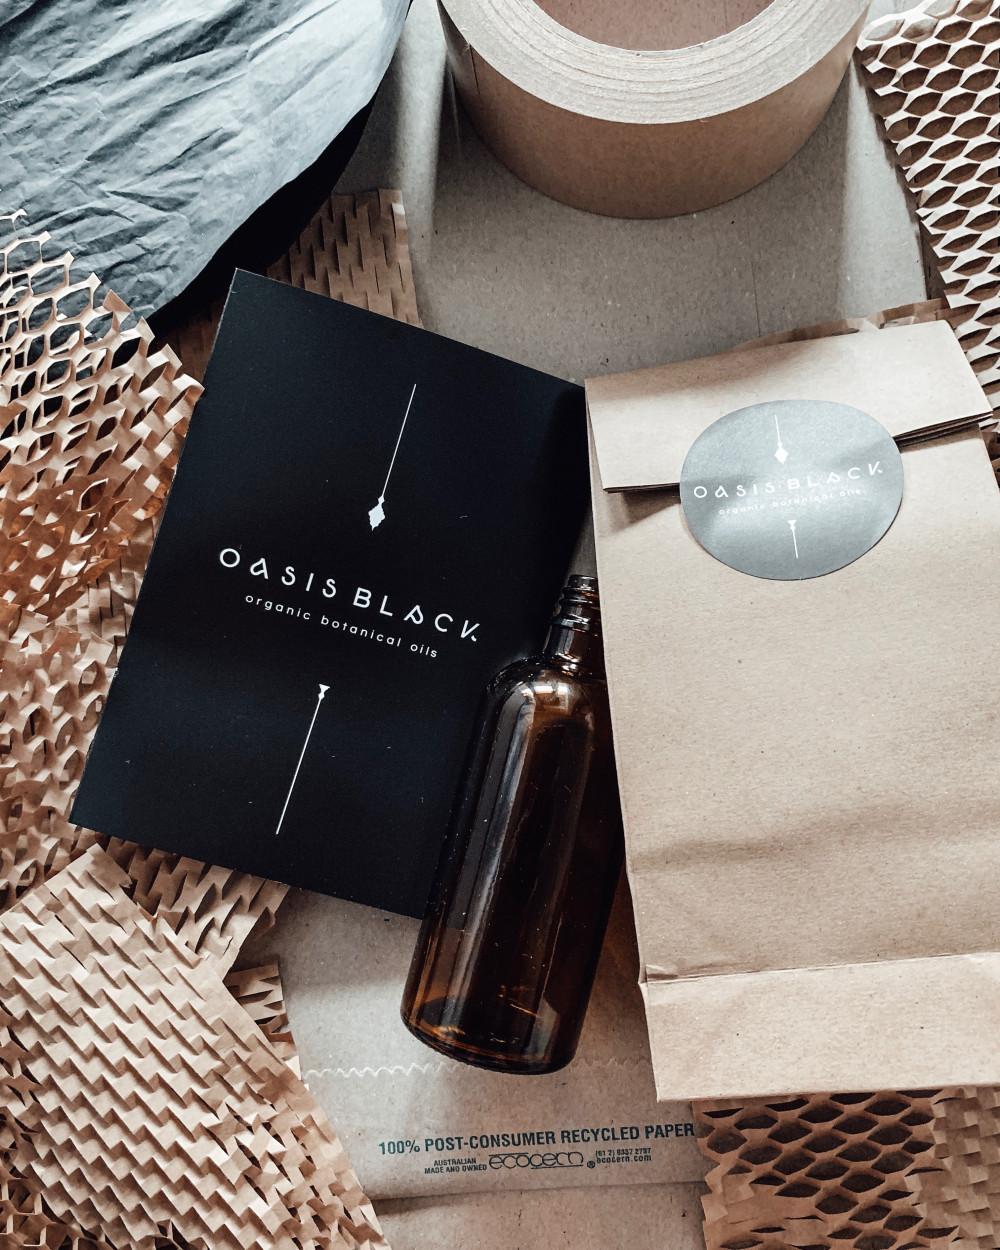 Oasis Black - Organic Botanical Oils Image